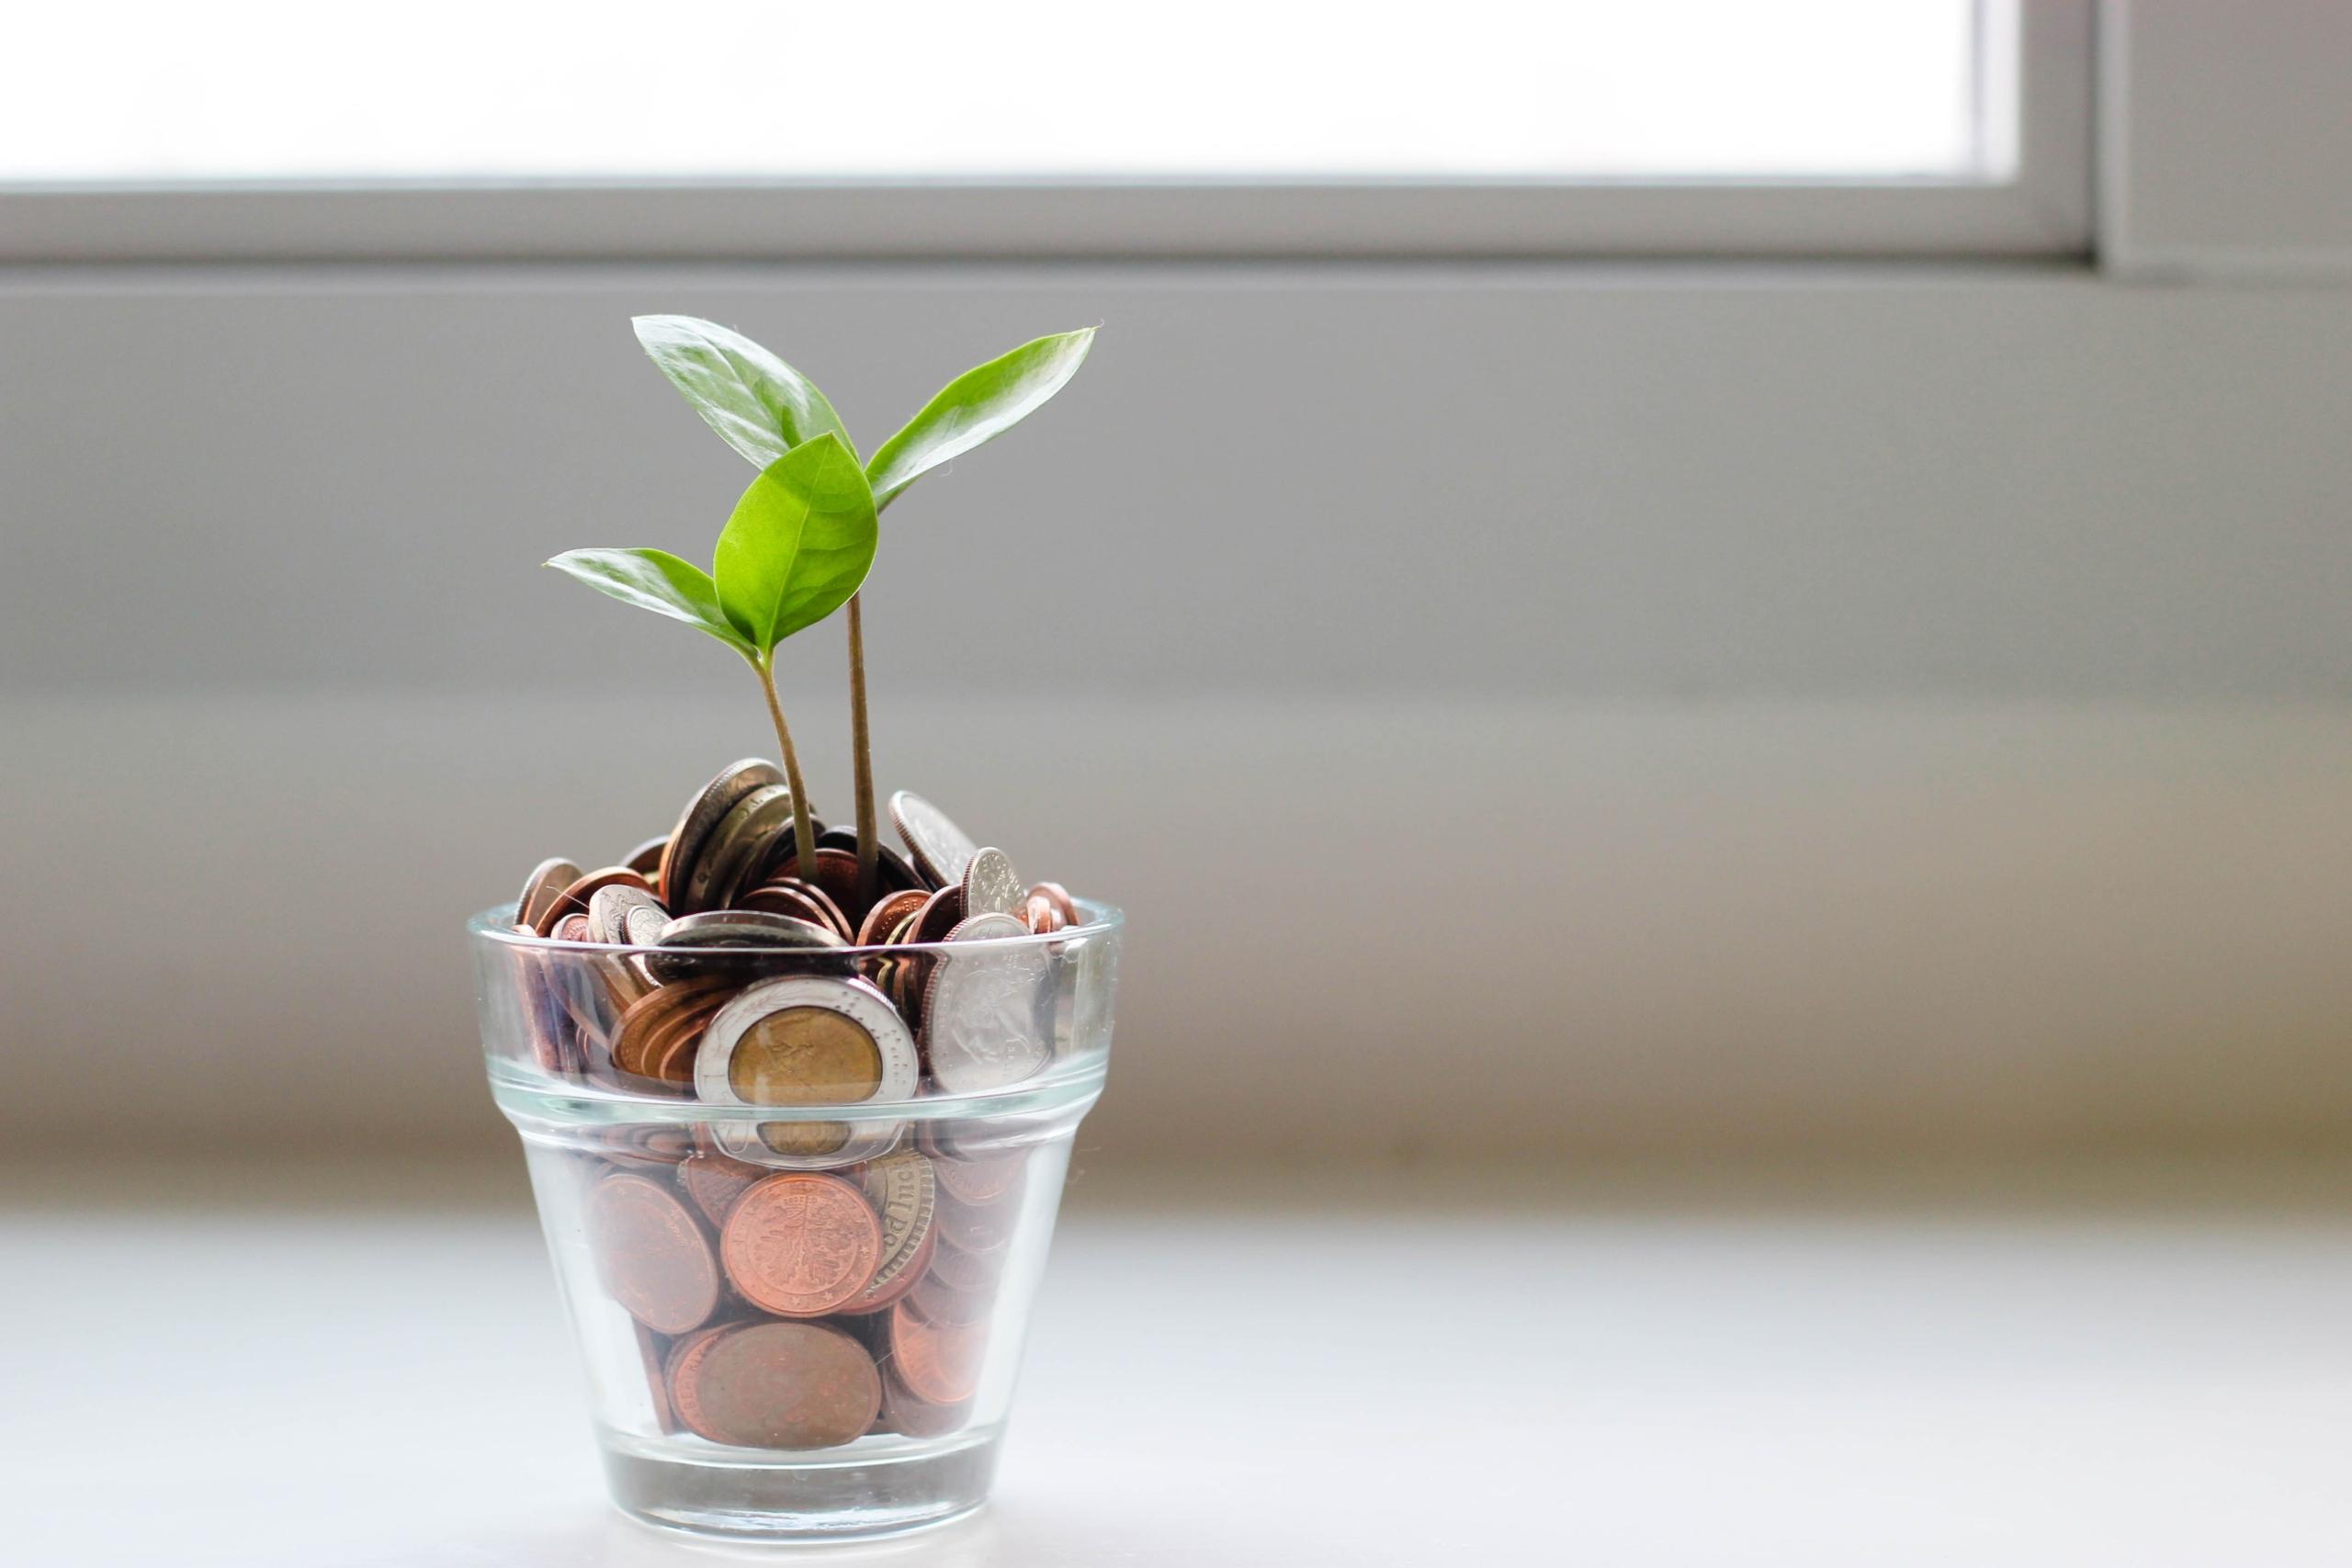 flexiworking savings